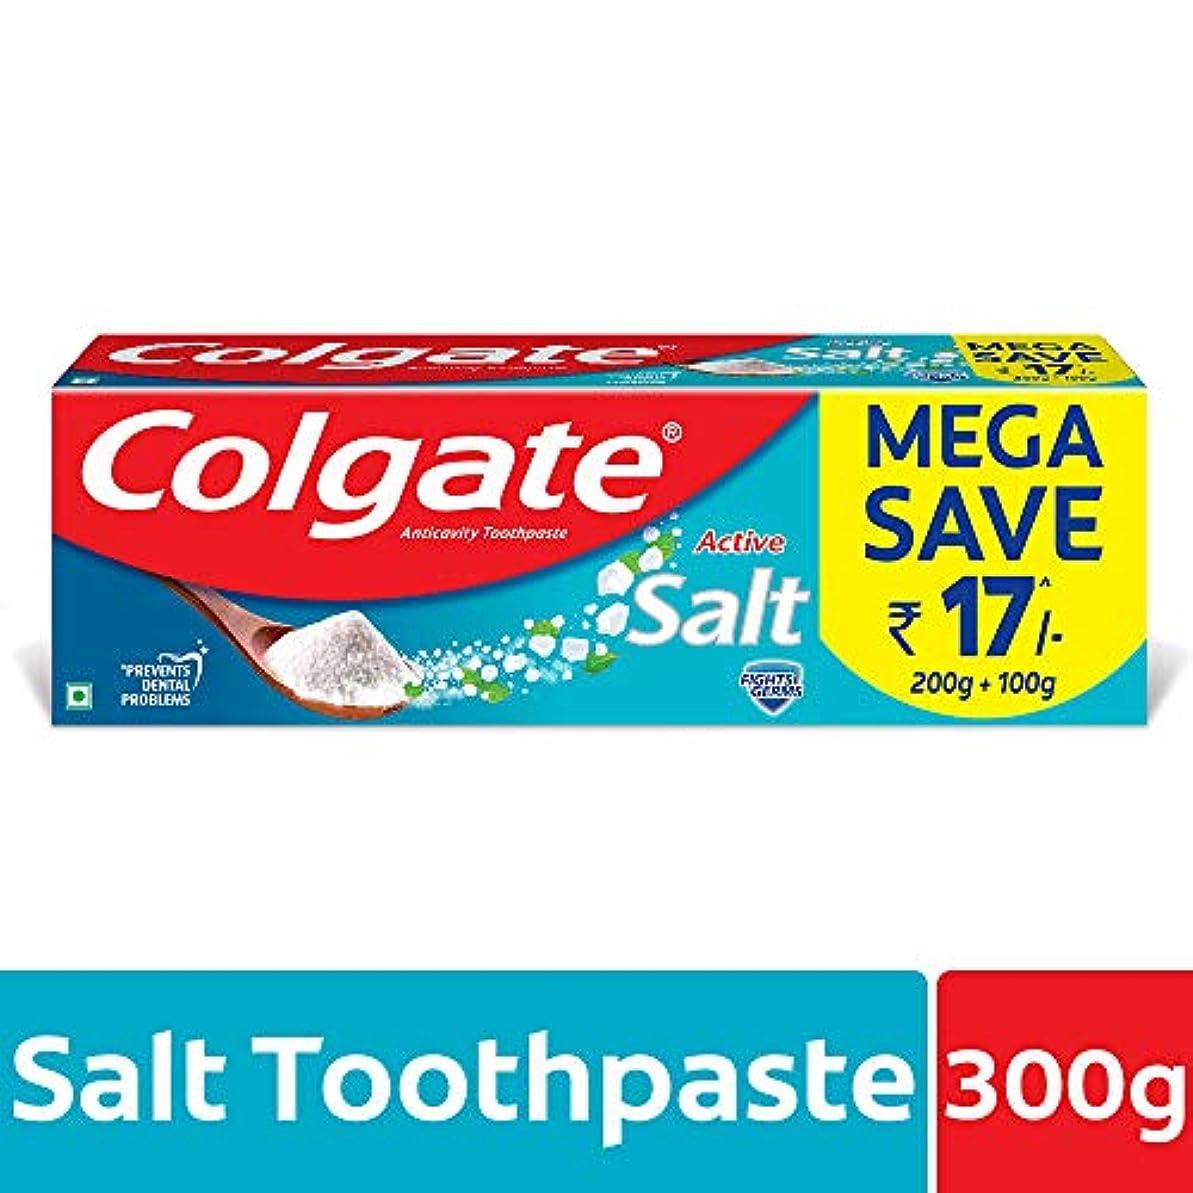 腹部取るに足らないカスケードColgate Active Salt Toothpaste, 300gm(200gm + 100gm)